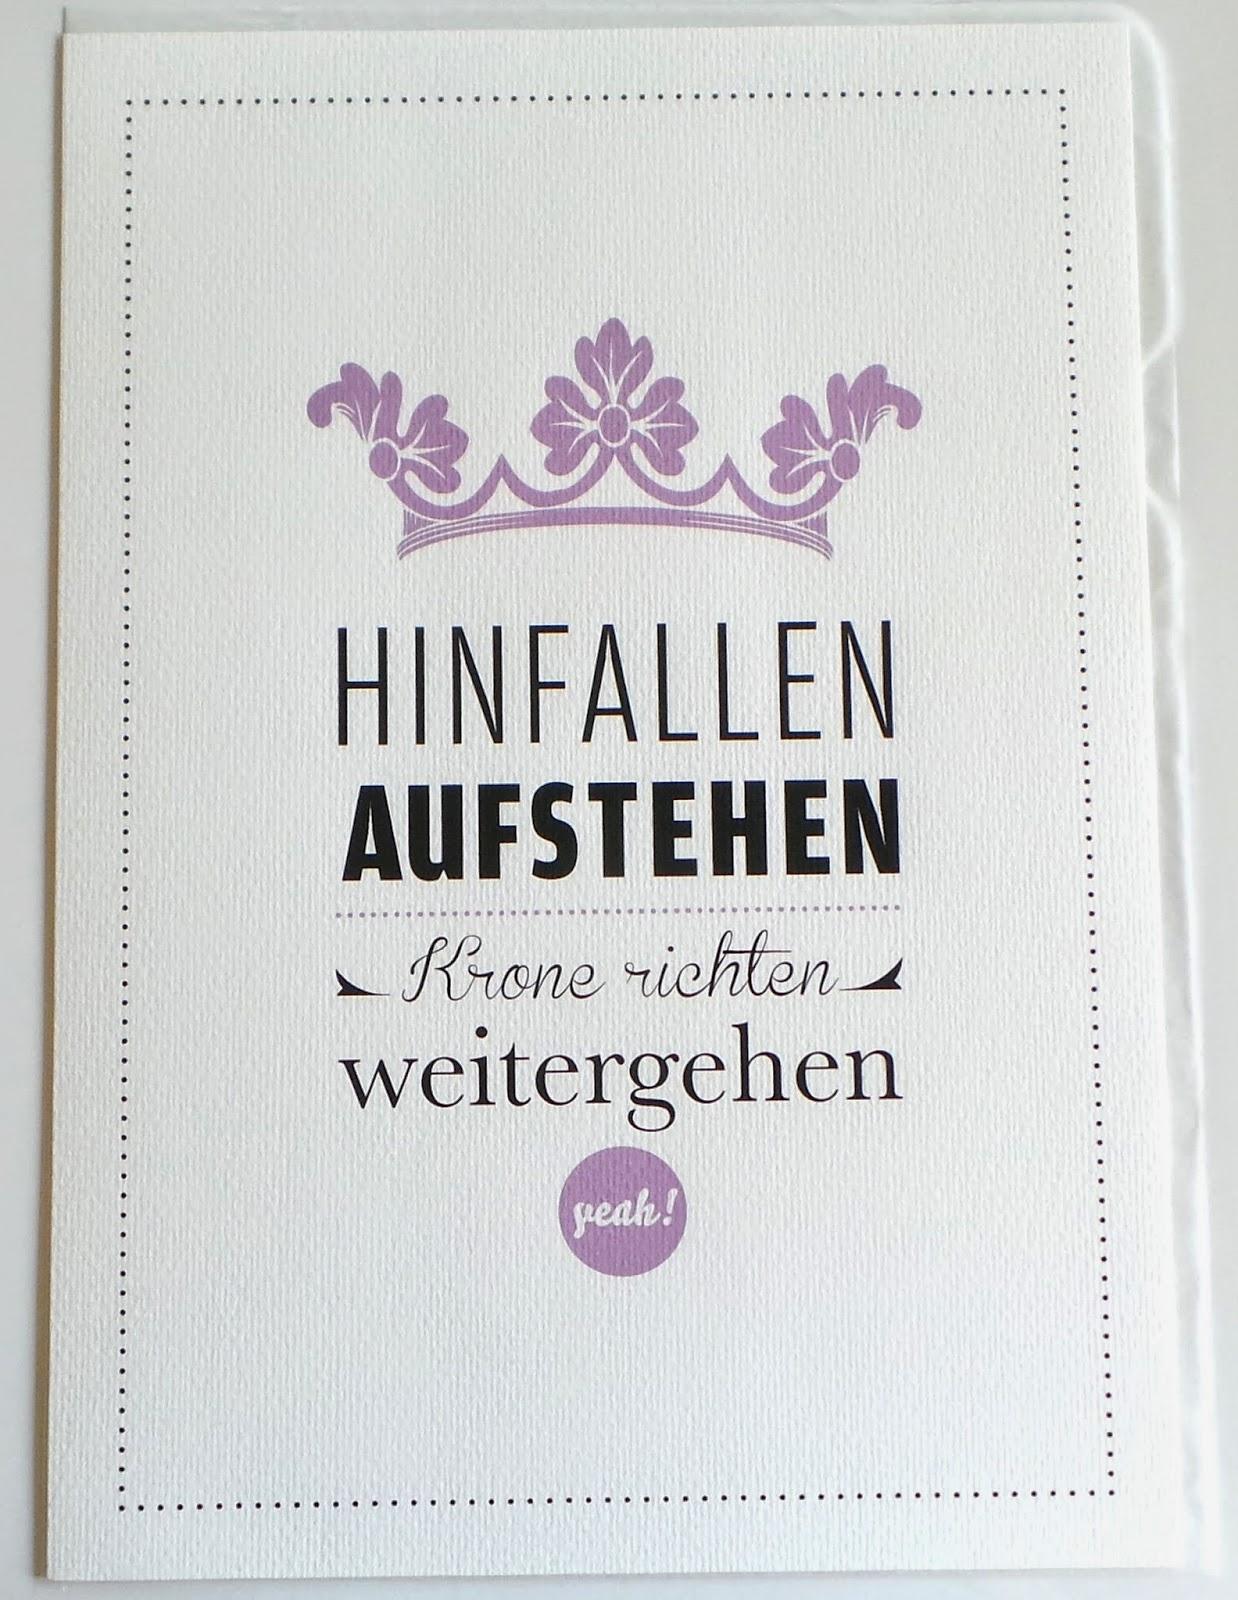 josefine 21 test blog: formart - zeit für schönes!